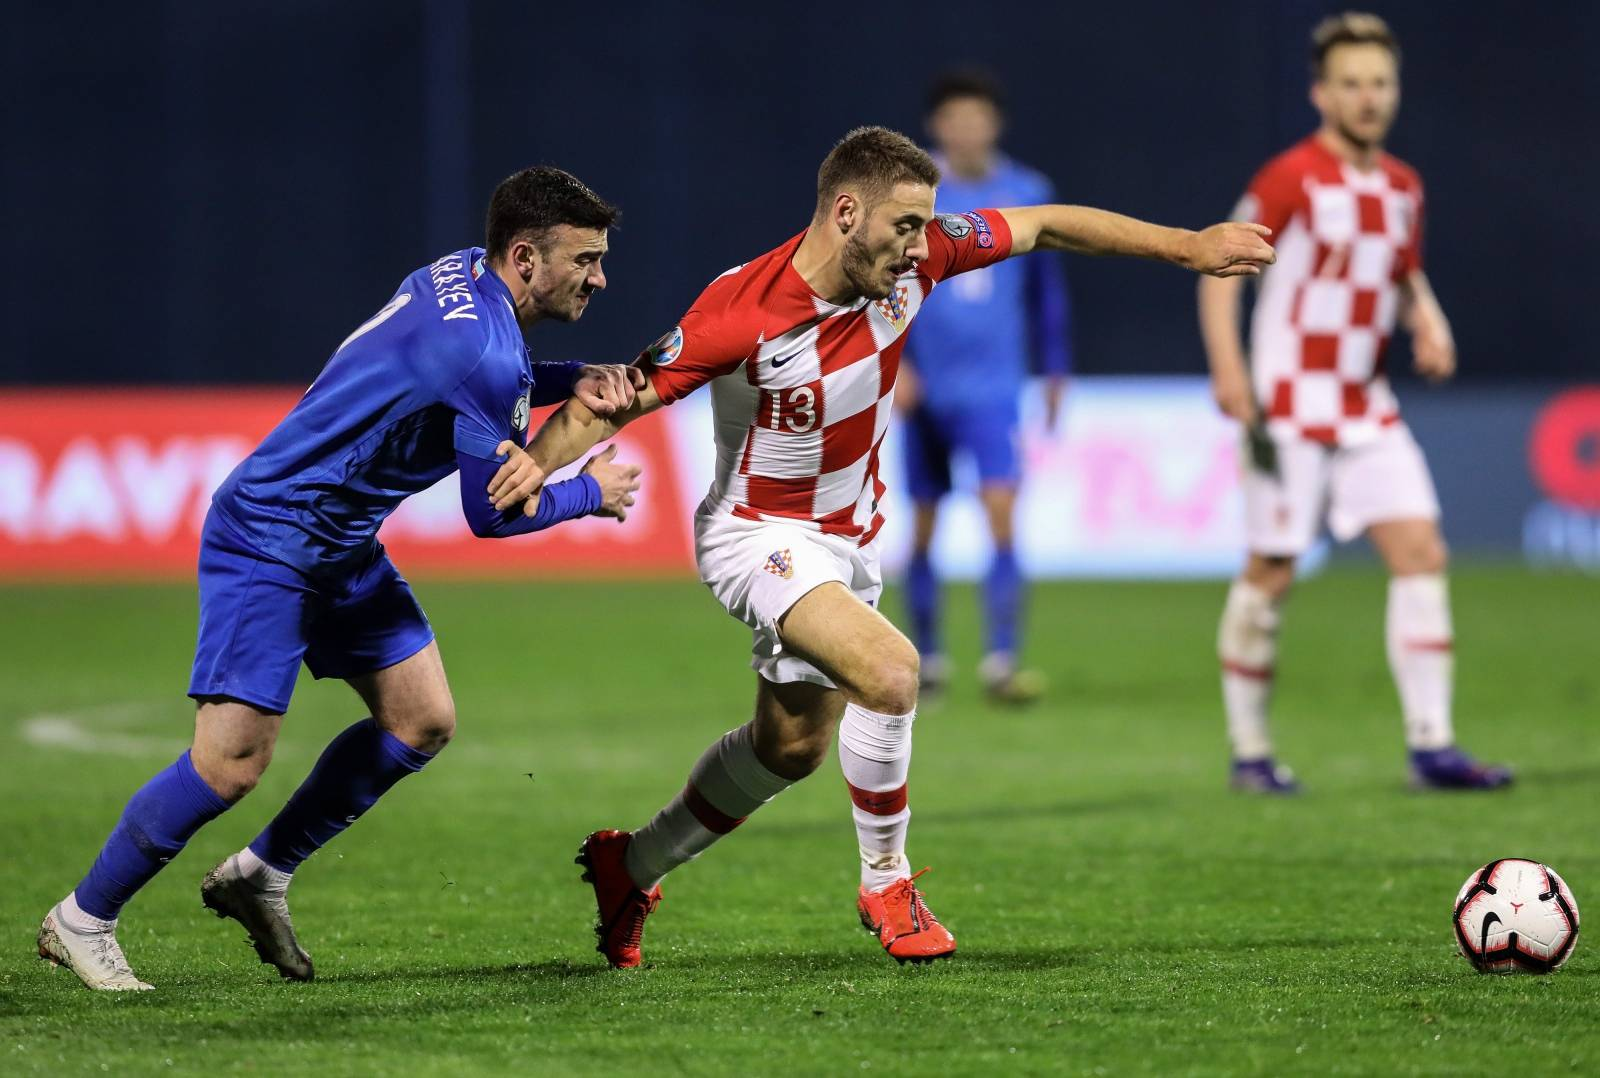 Hrvatska protiv Azerbajdžana igra prvu kvalifikacijsku utakmicu za EURO 2020.